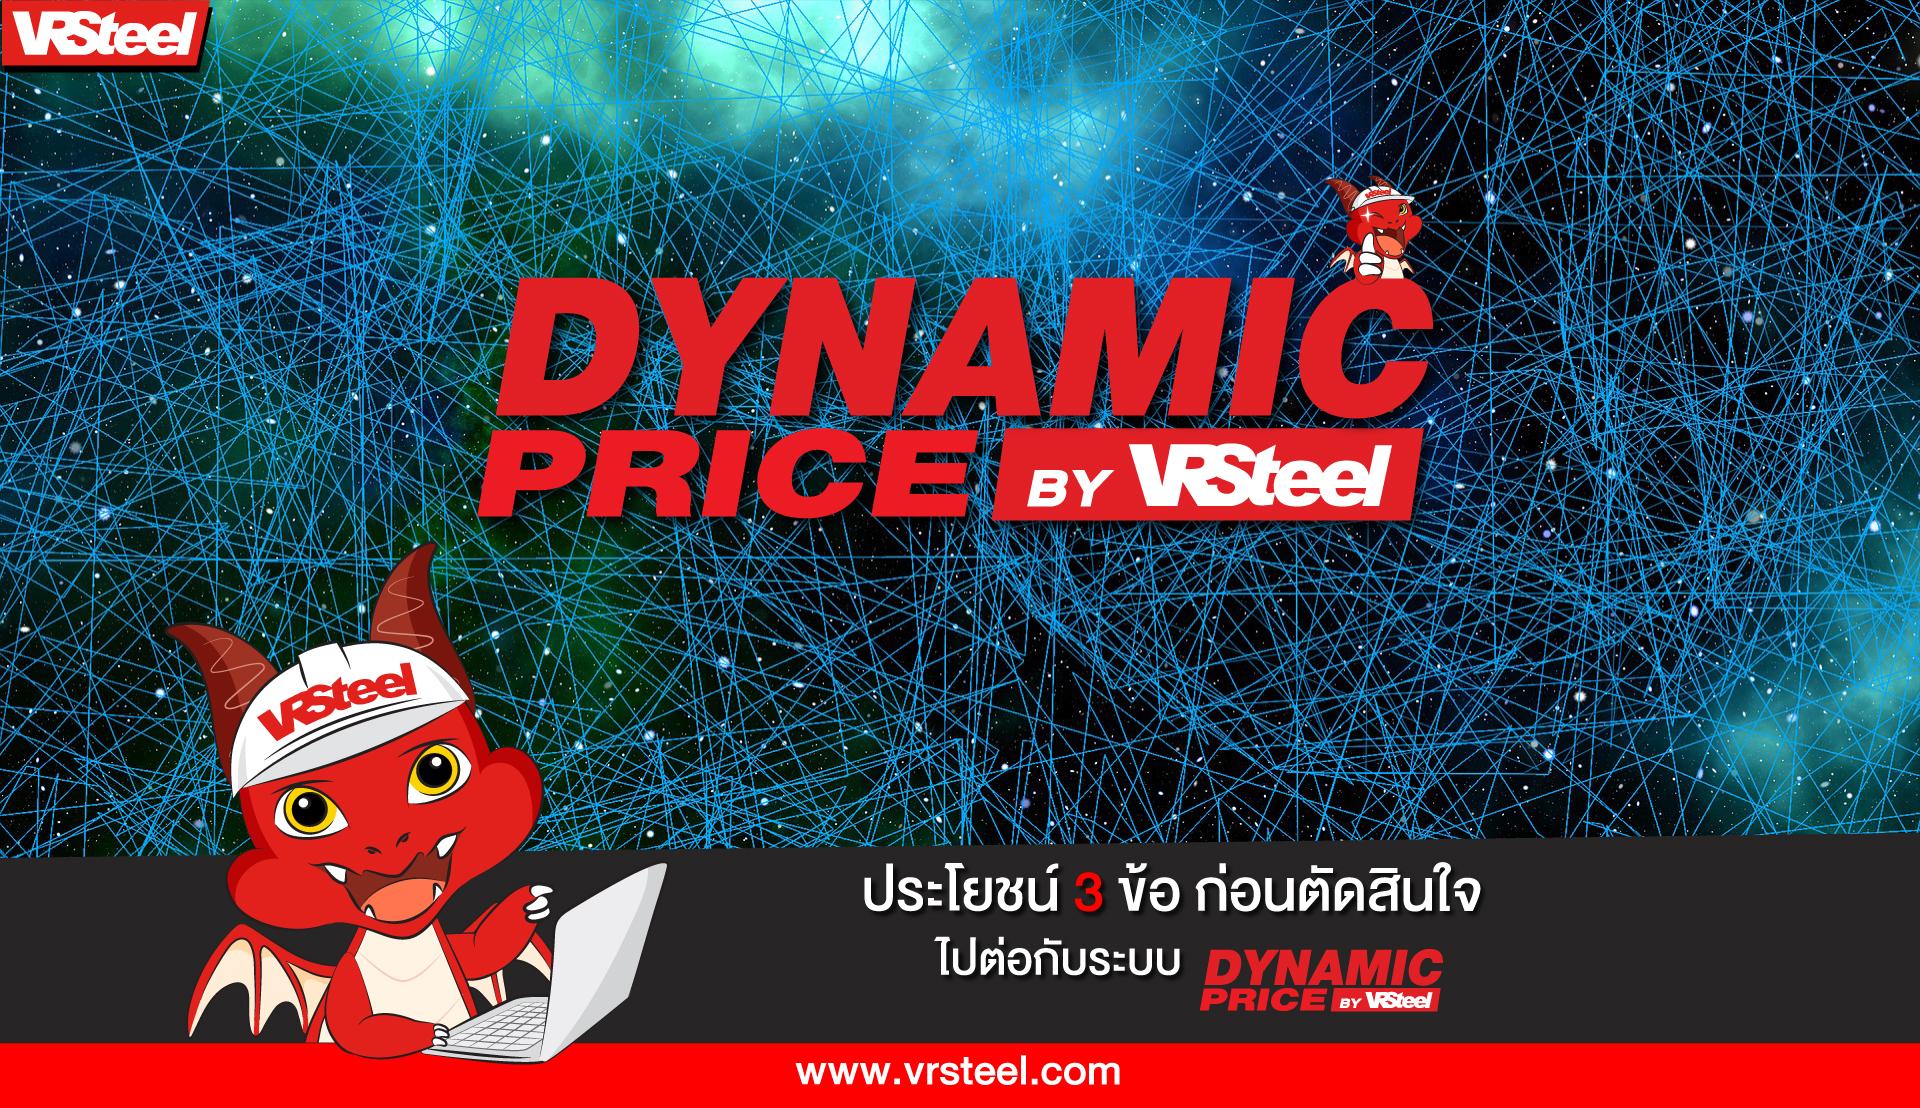 ประโยชน์ 3 ข้อ ก่อนตัดสินใจ ไปต่อกับระบบ Dynamic Price